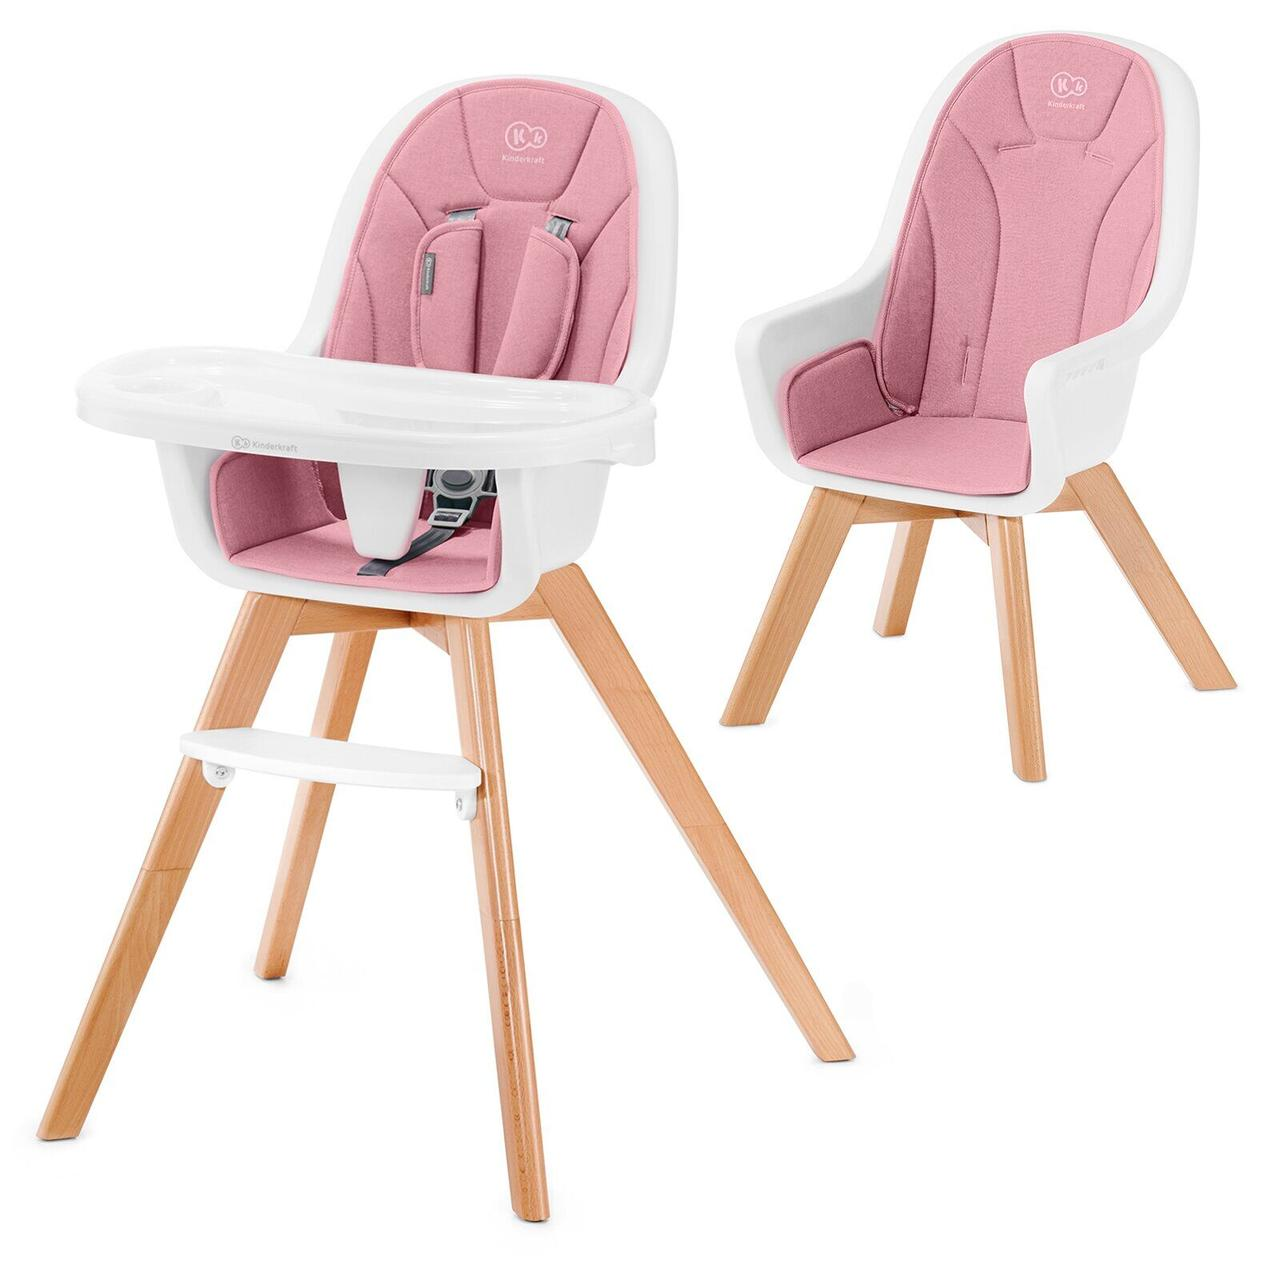 Стульчик для кормления Kinderkraft Tixi Pink